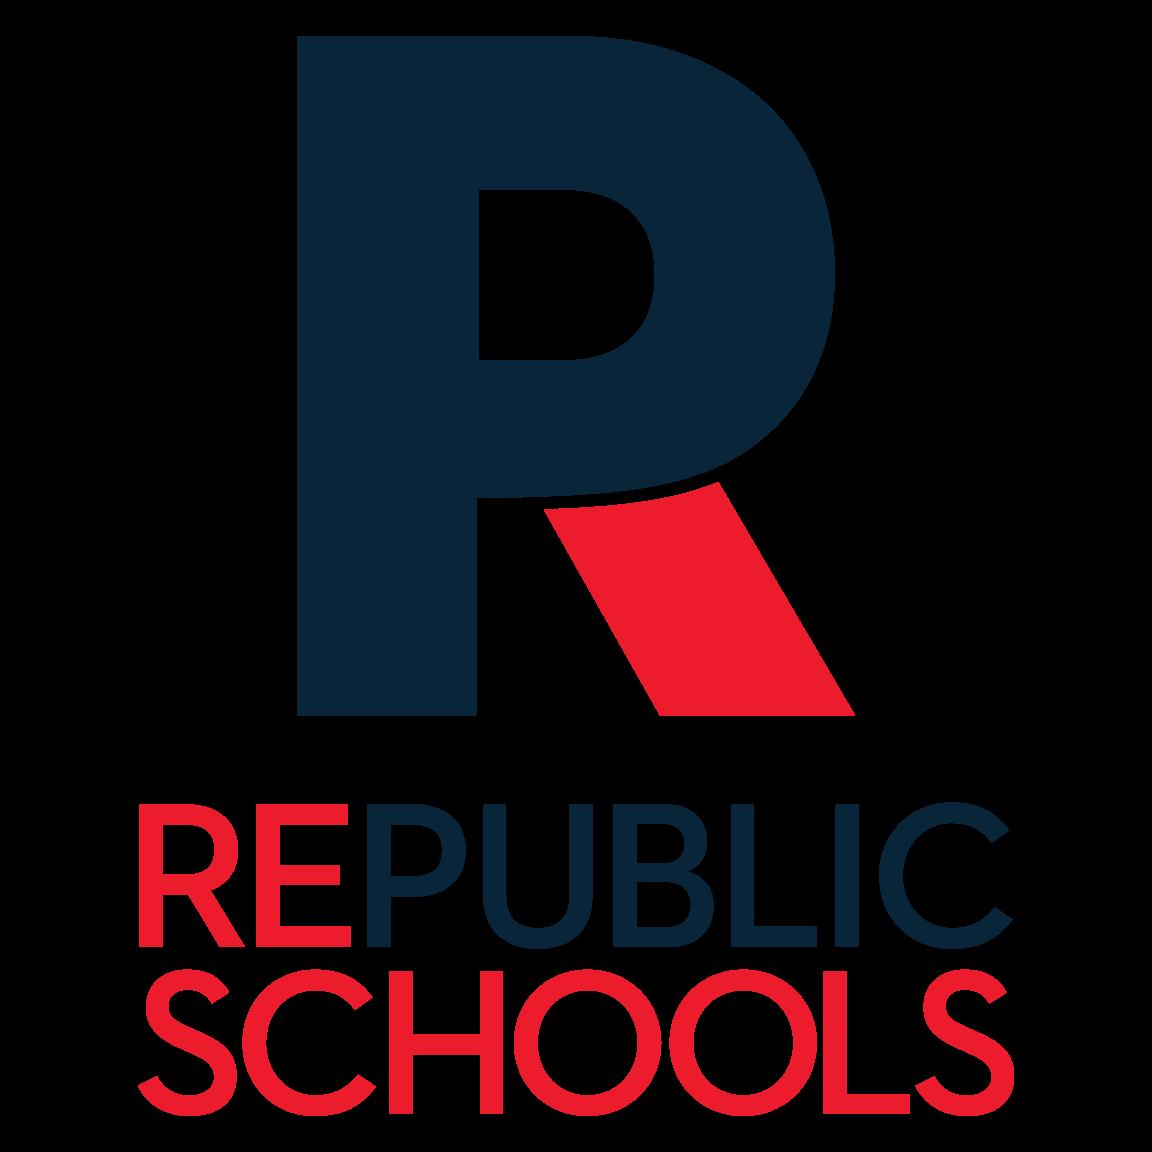 RePublic Charter Schools